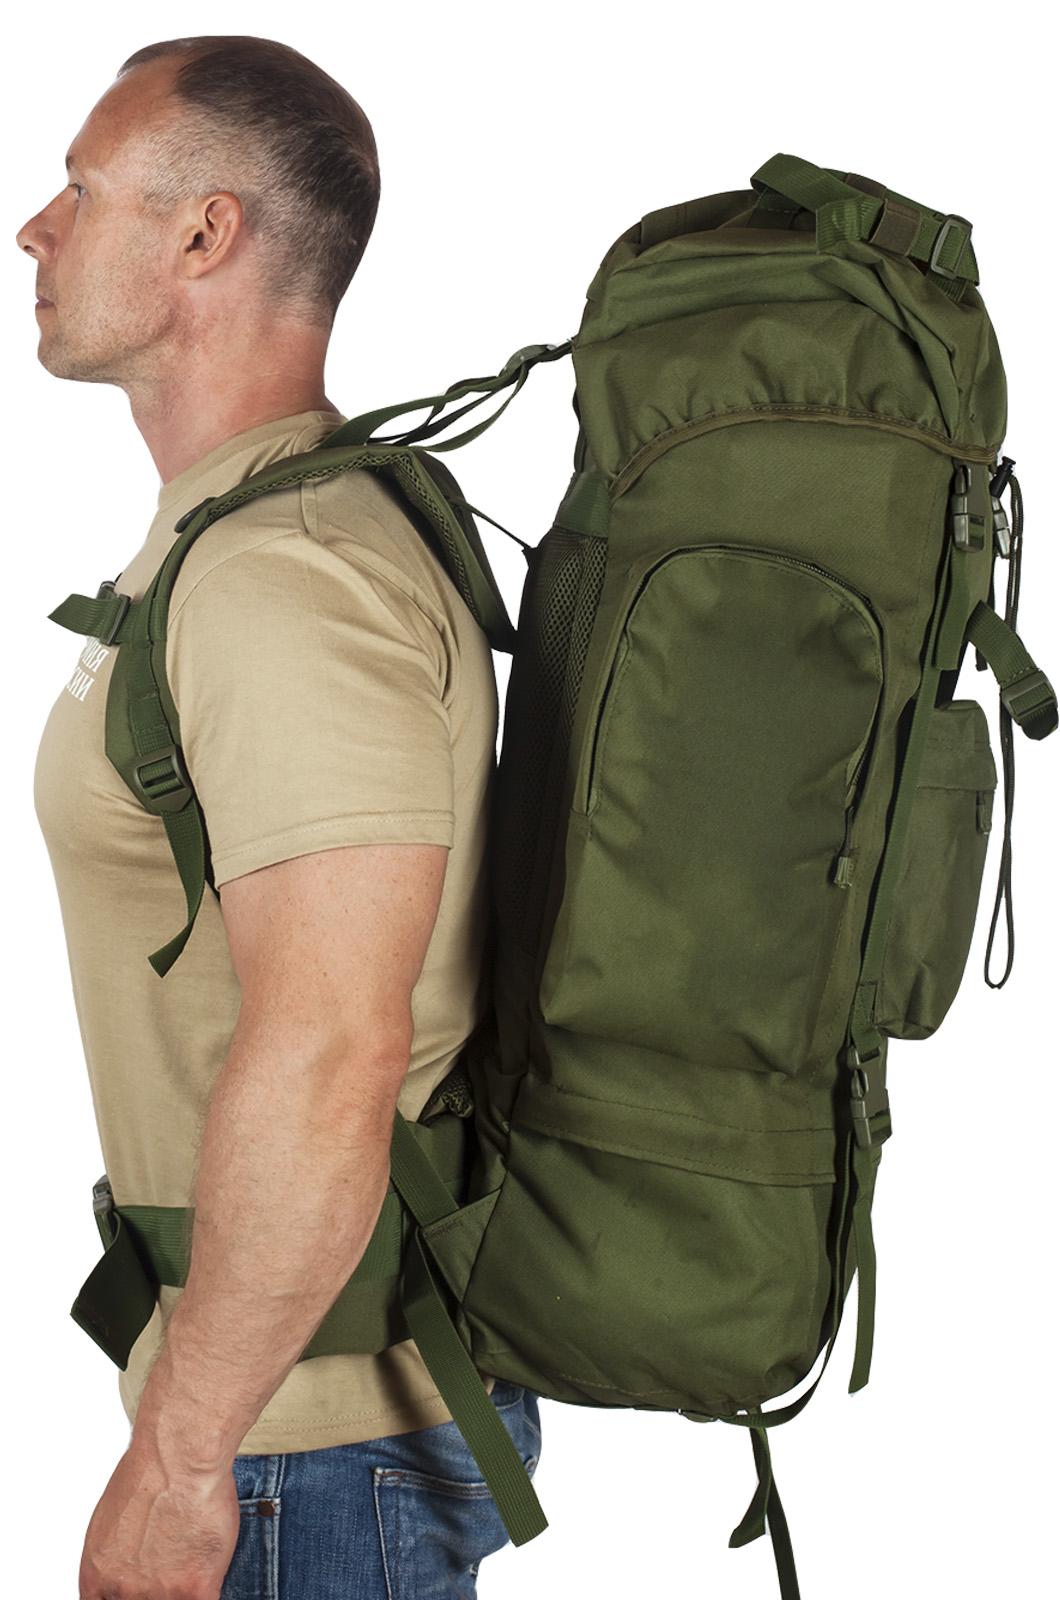 Армейский каркасный рюкзак с нашивкой ДПС - заказать выгодно